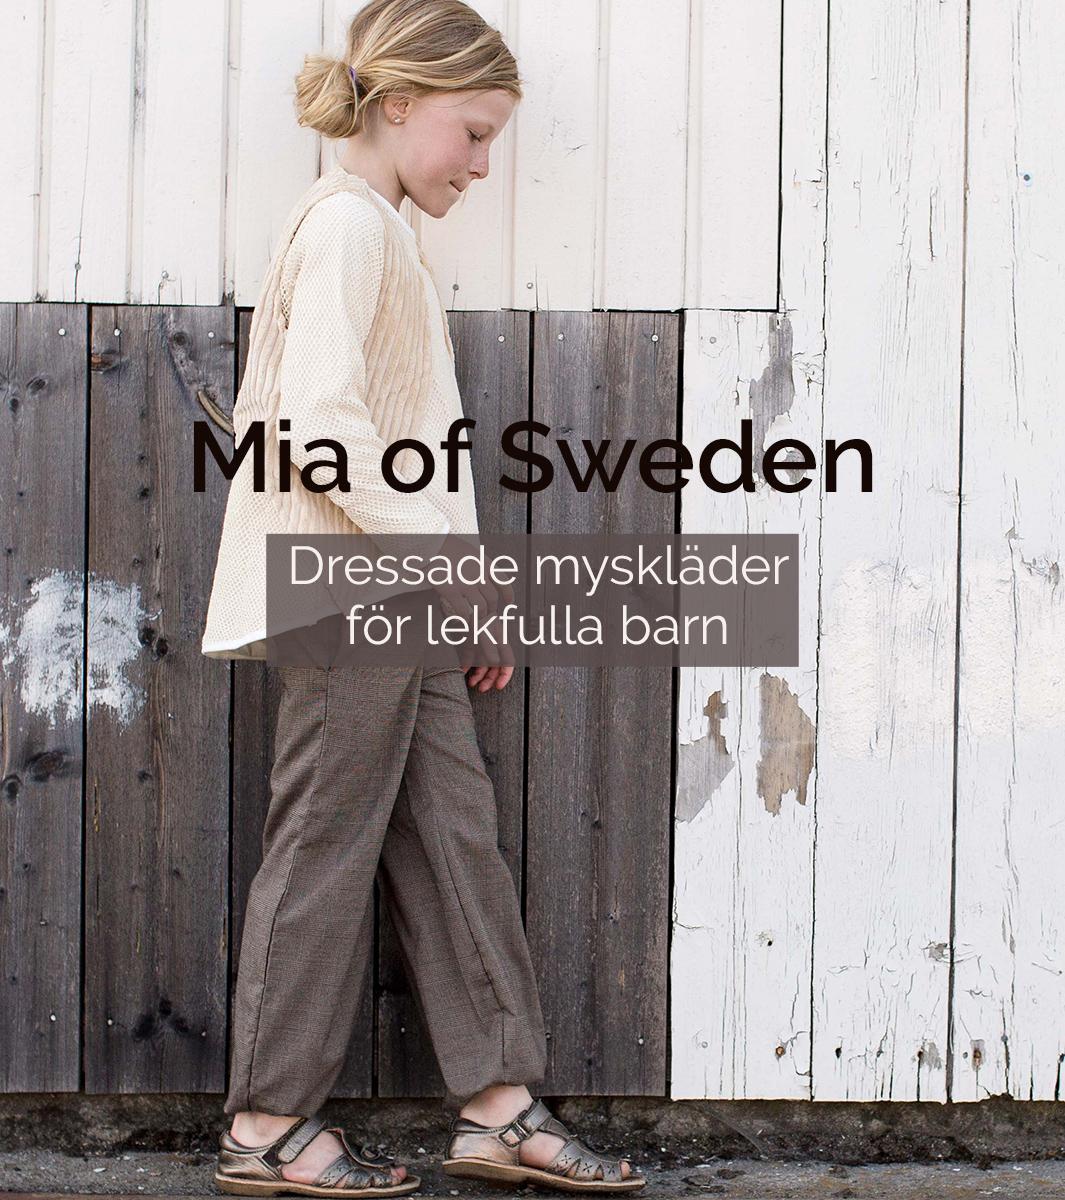 Mia of Sweden